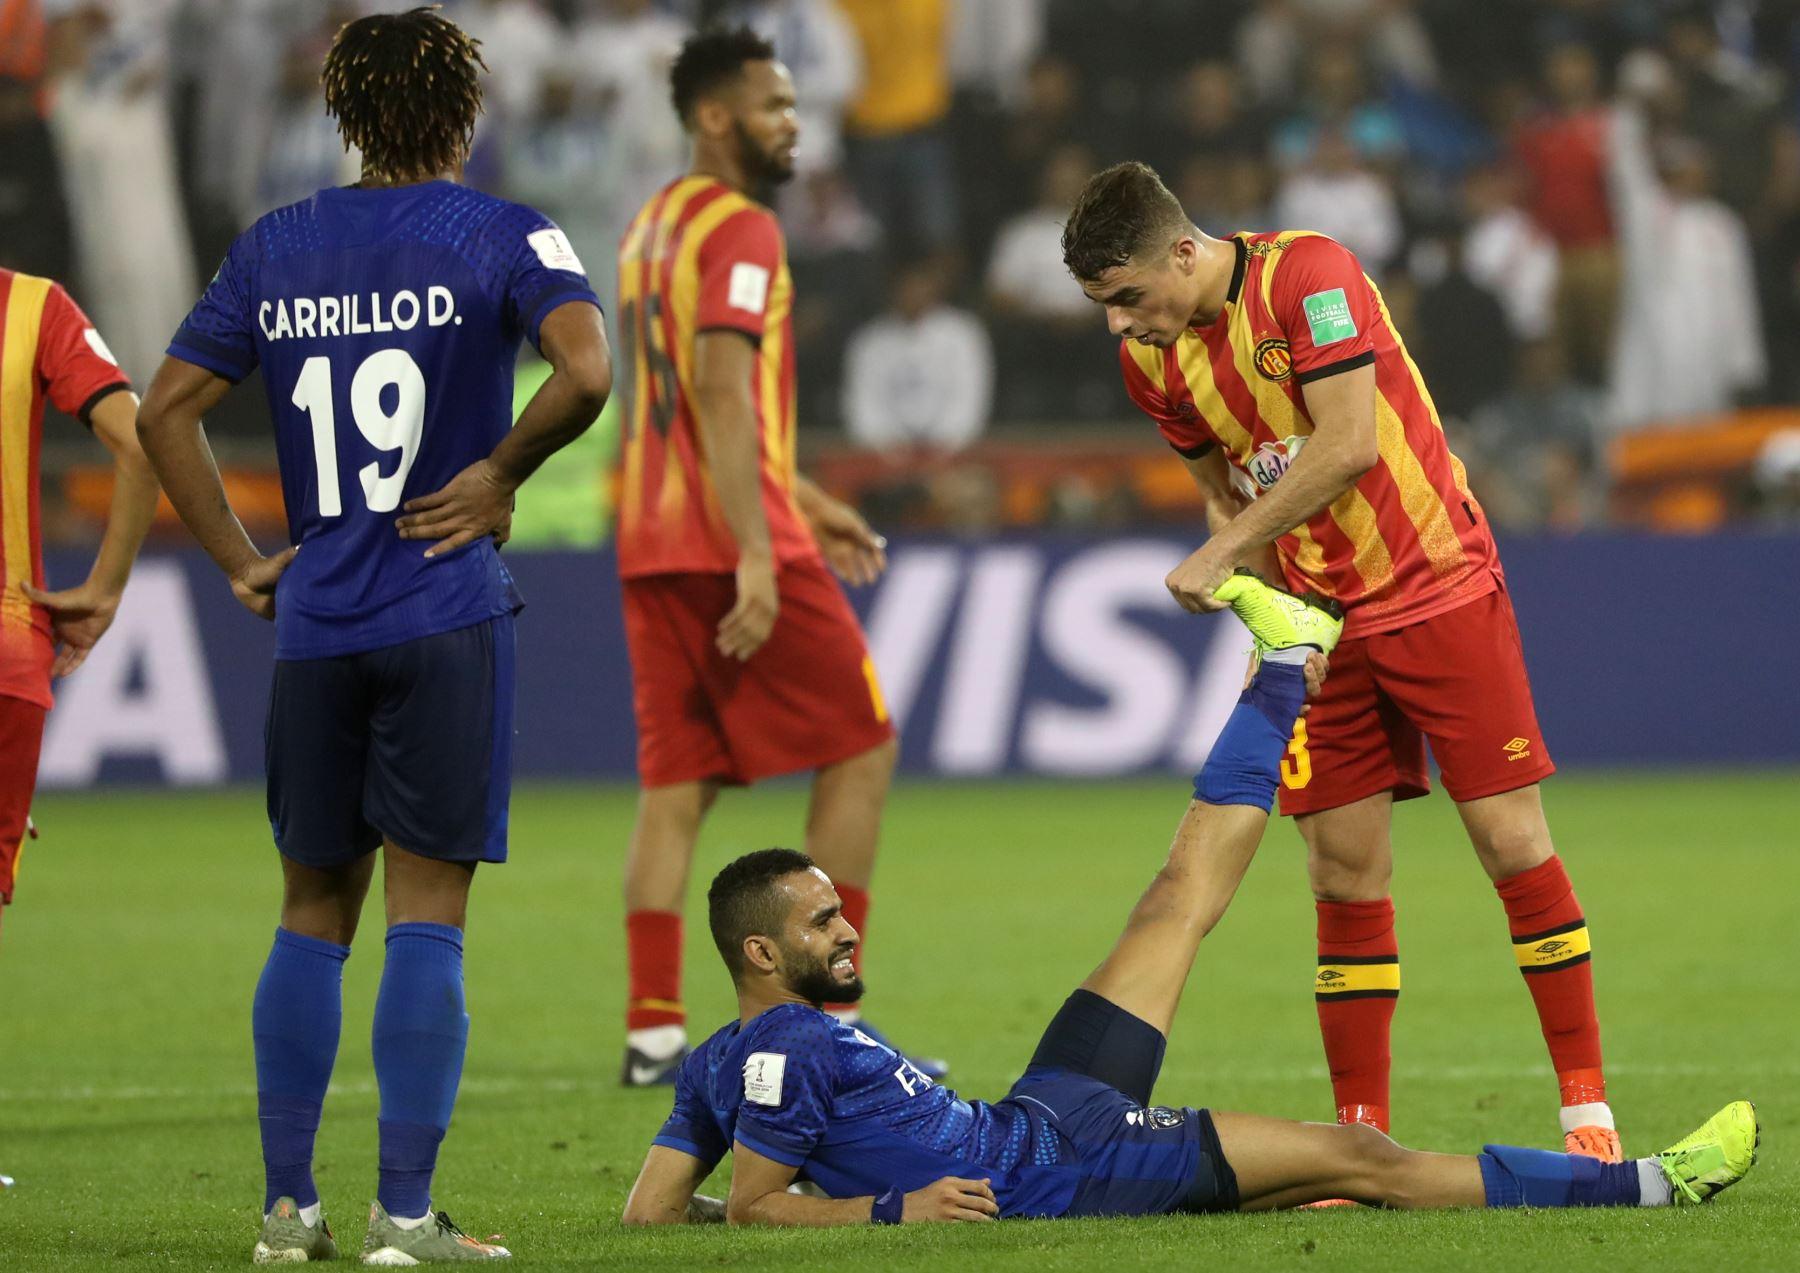 El defensor de Esperance, Ilyes Chetti (R), estira el pie del defensor de Hilal Mohammed al-Breik (parte inferior) durante el partido de fútbol de cuartos de final de la Copa Mundial de Clubes de la FIFA 2019 entre Hilal y Esperance de Tunis. Foto: AFP